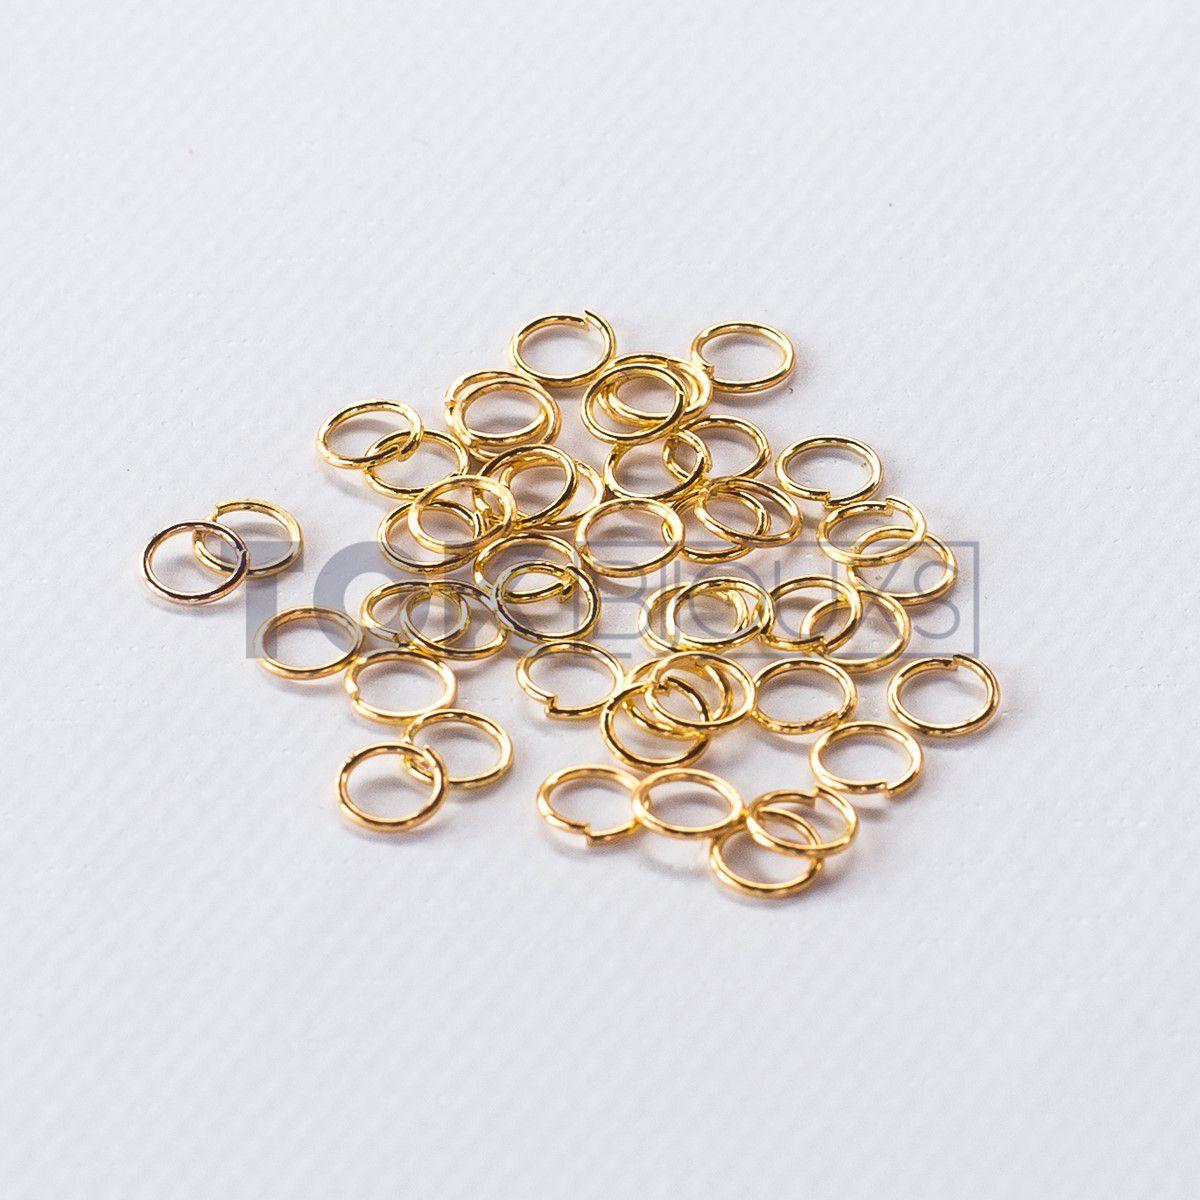 Argola De Ferro 6mm - Dourada - 500g